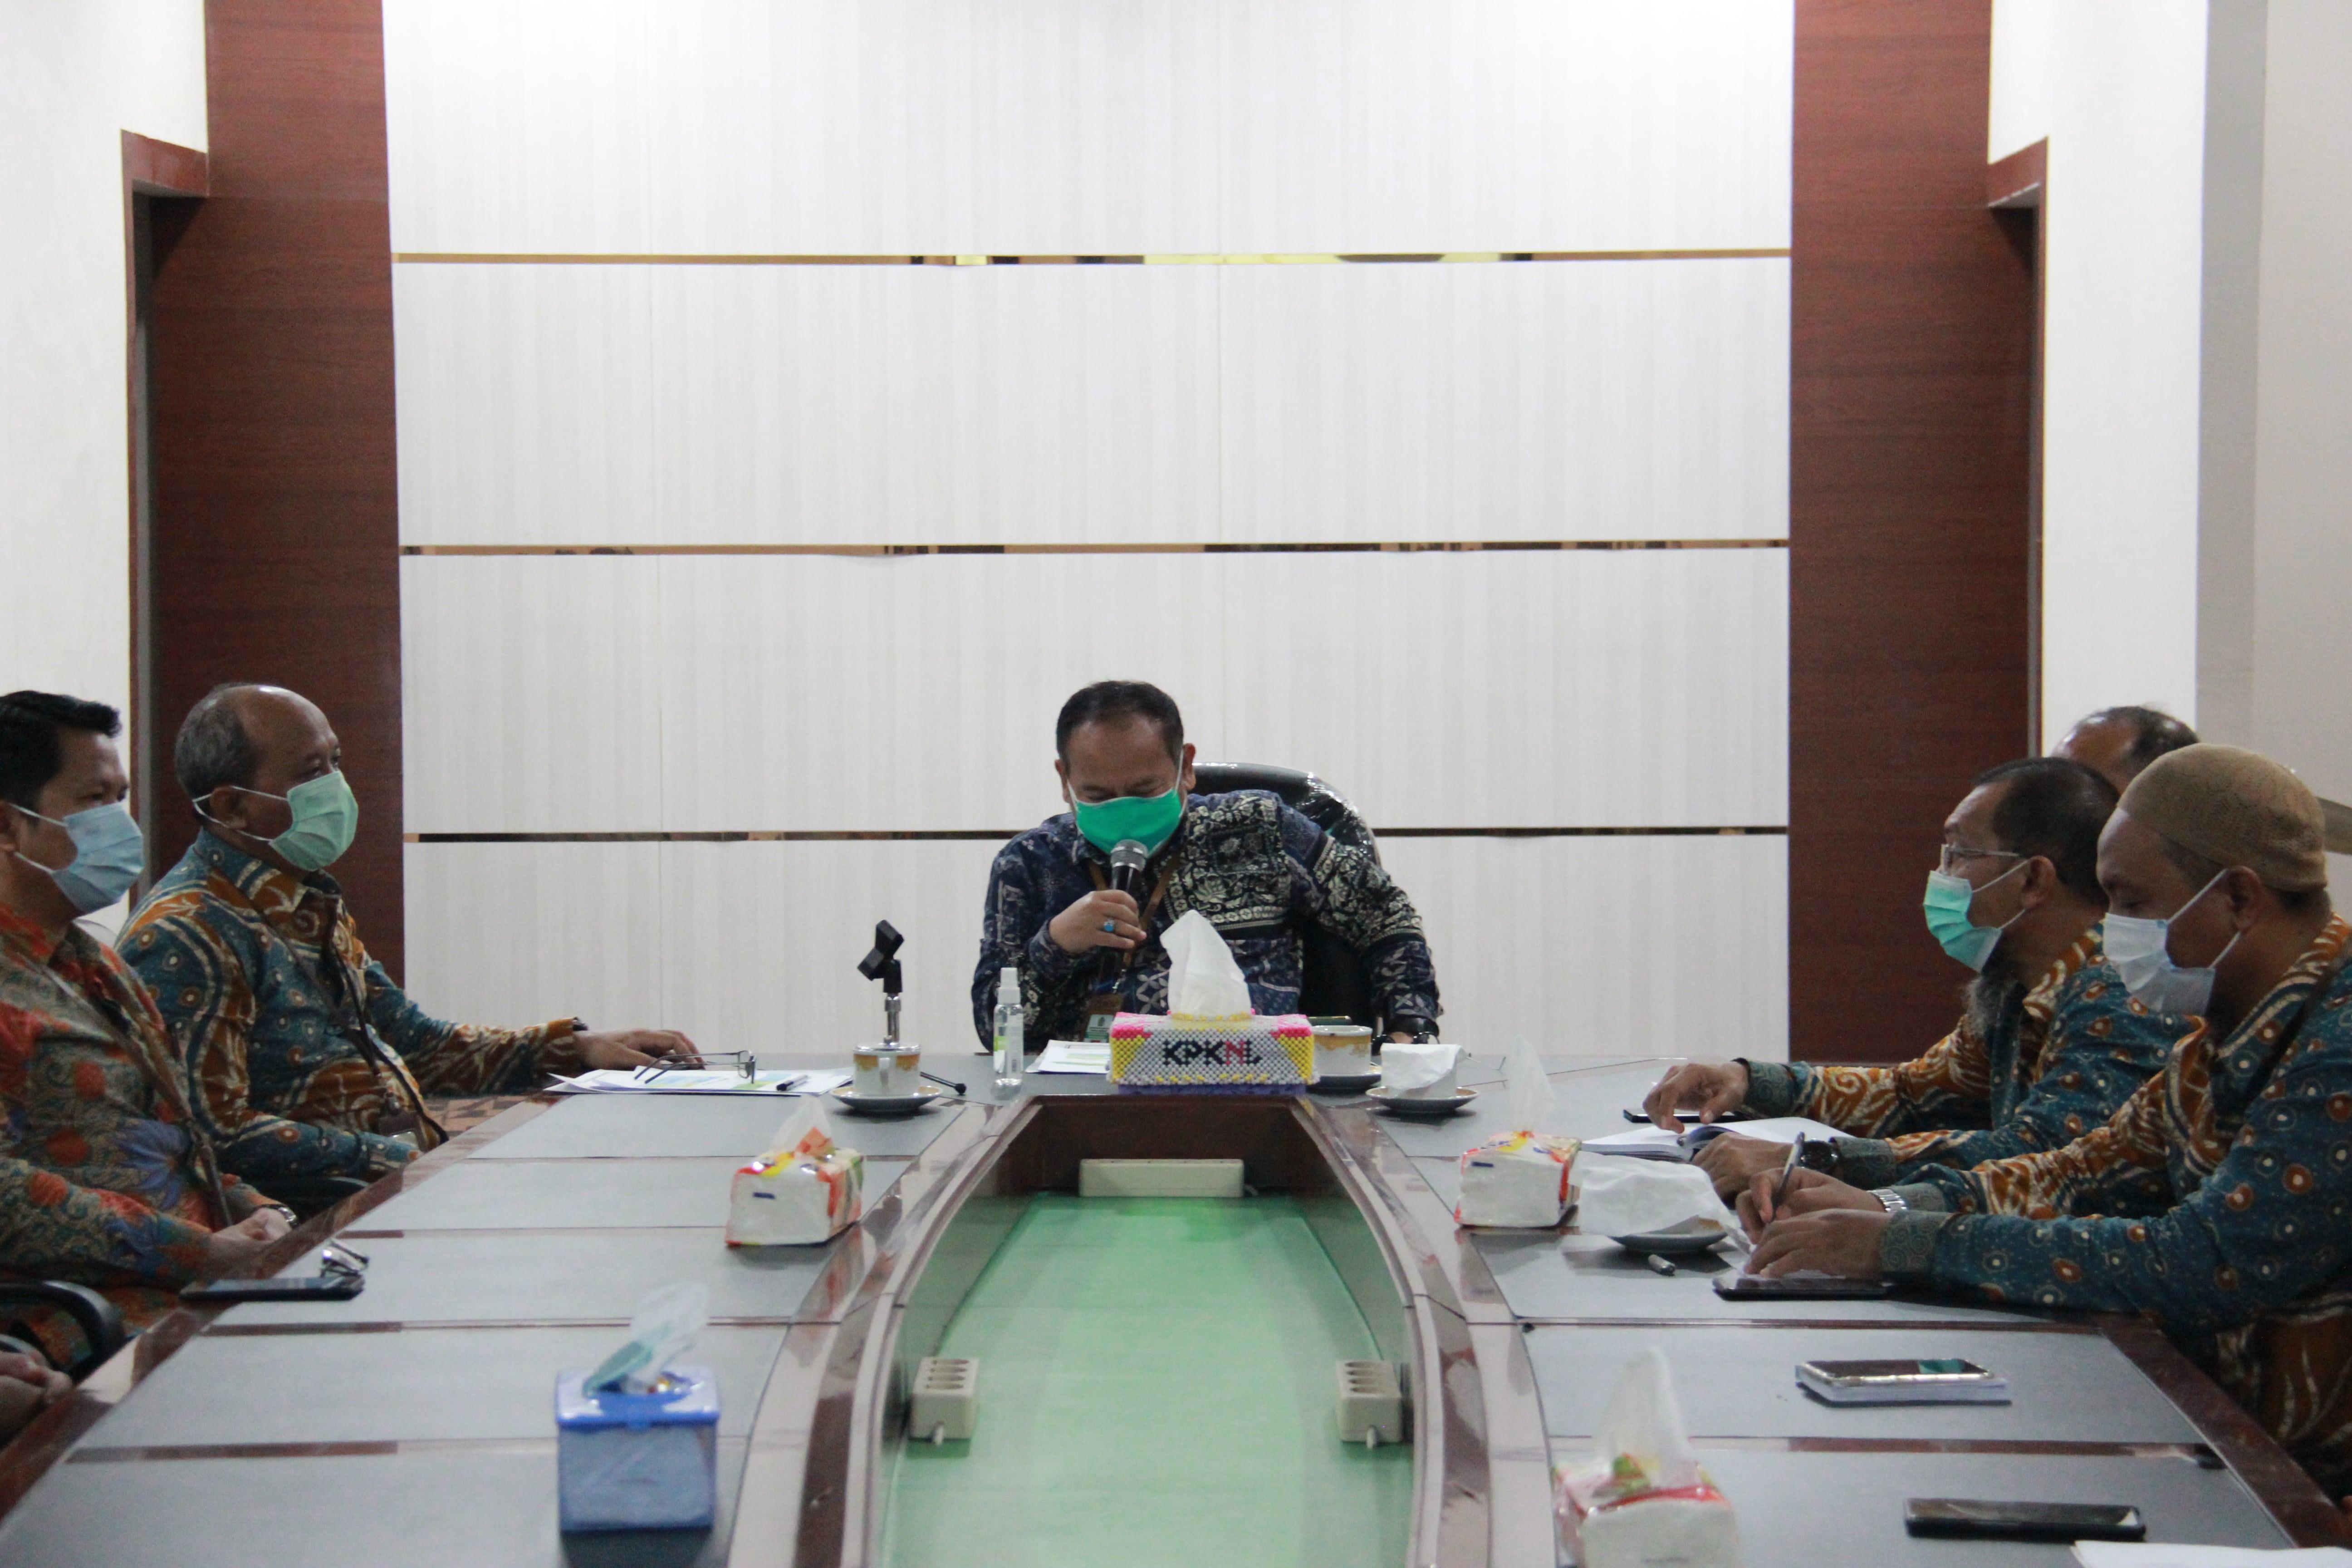 Pembinaan Kepala Kanwil DJKN Sumut: Jaga Sinergi dan Komunikasi untuk Kinerja yang Lebih Optimal